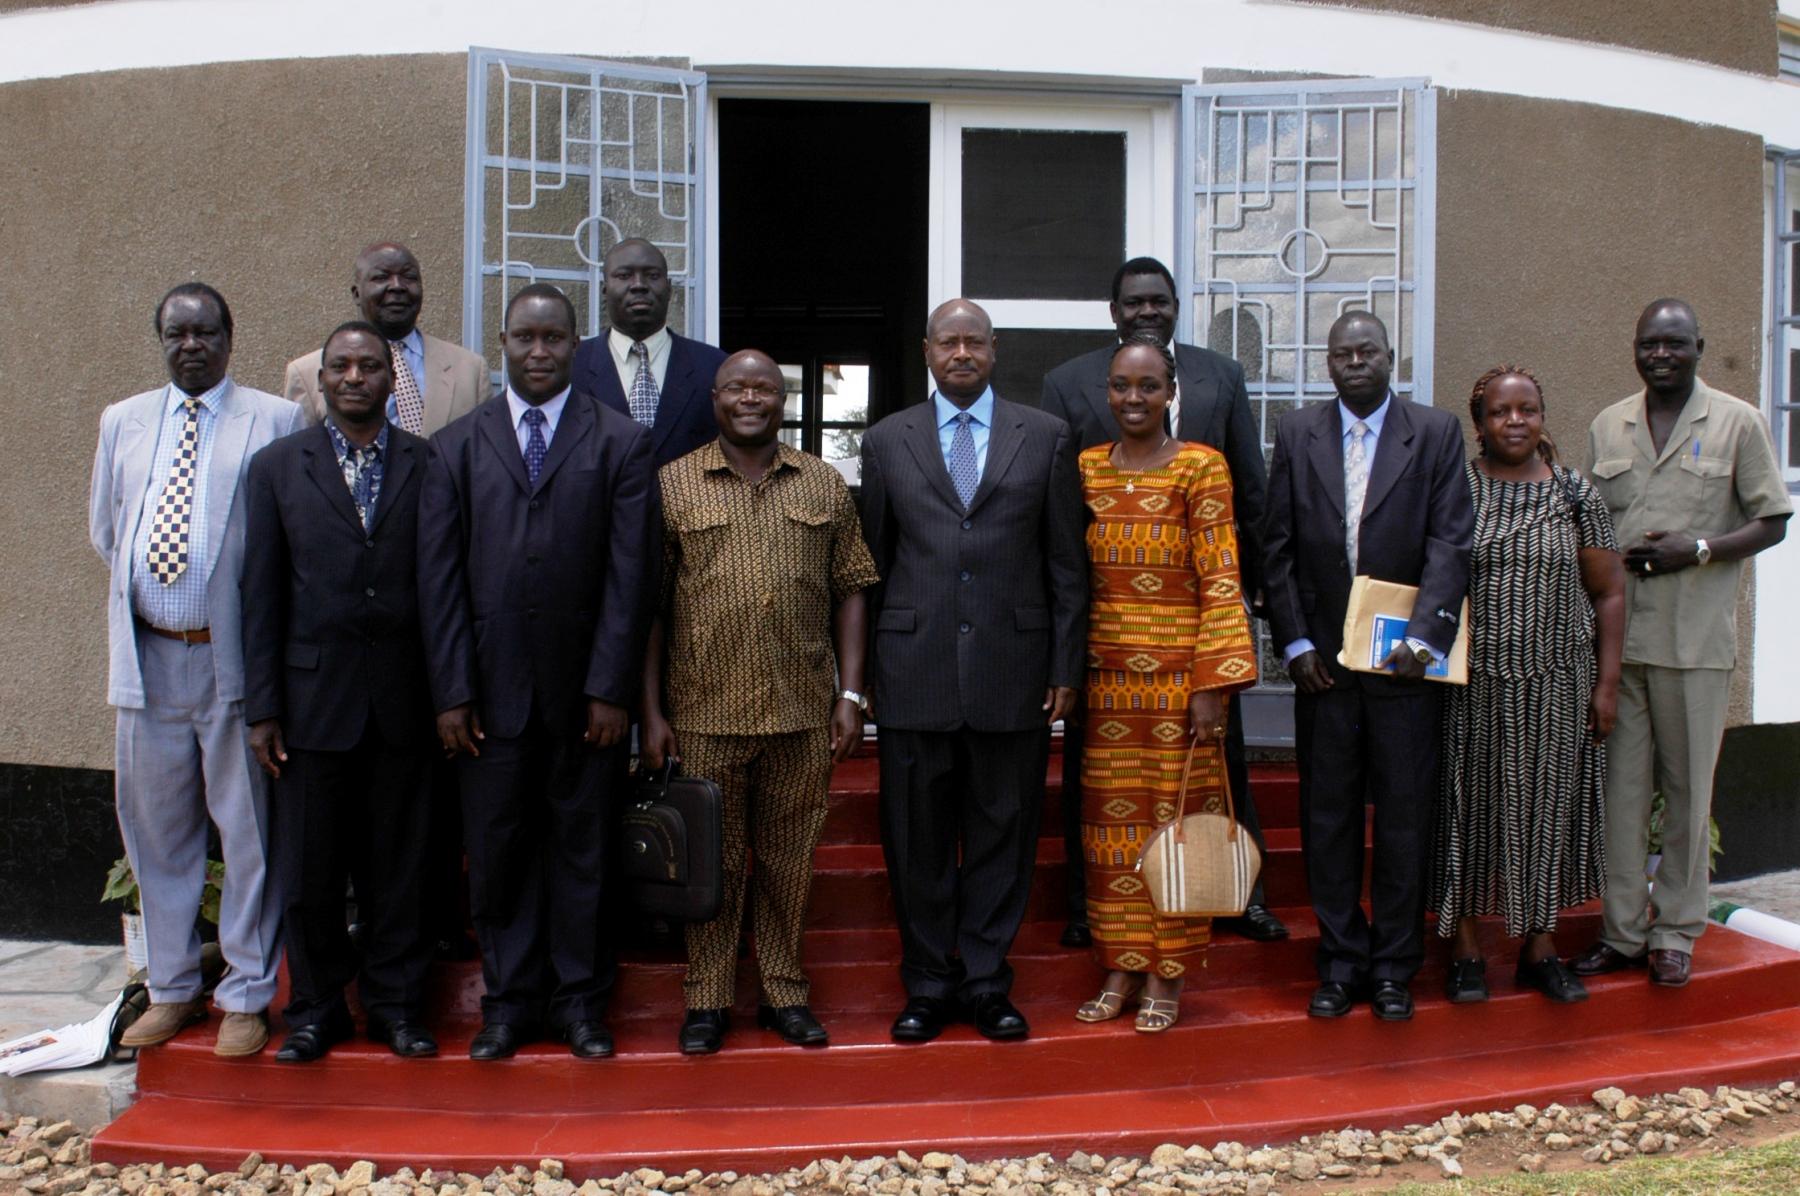 NGARA Team with H.E. President Yoweri Museveni